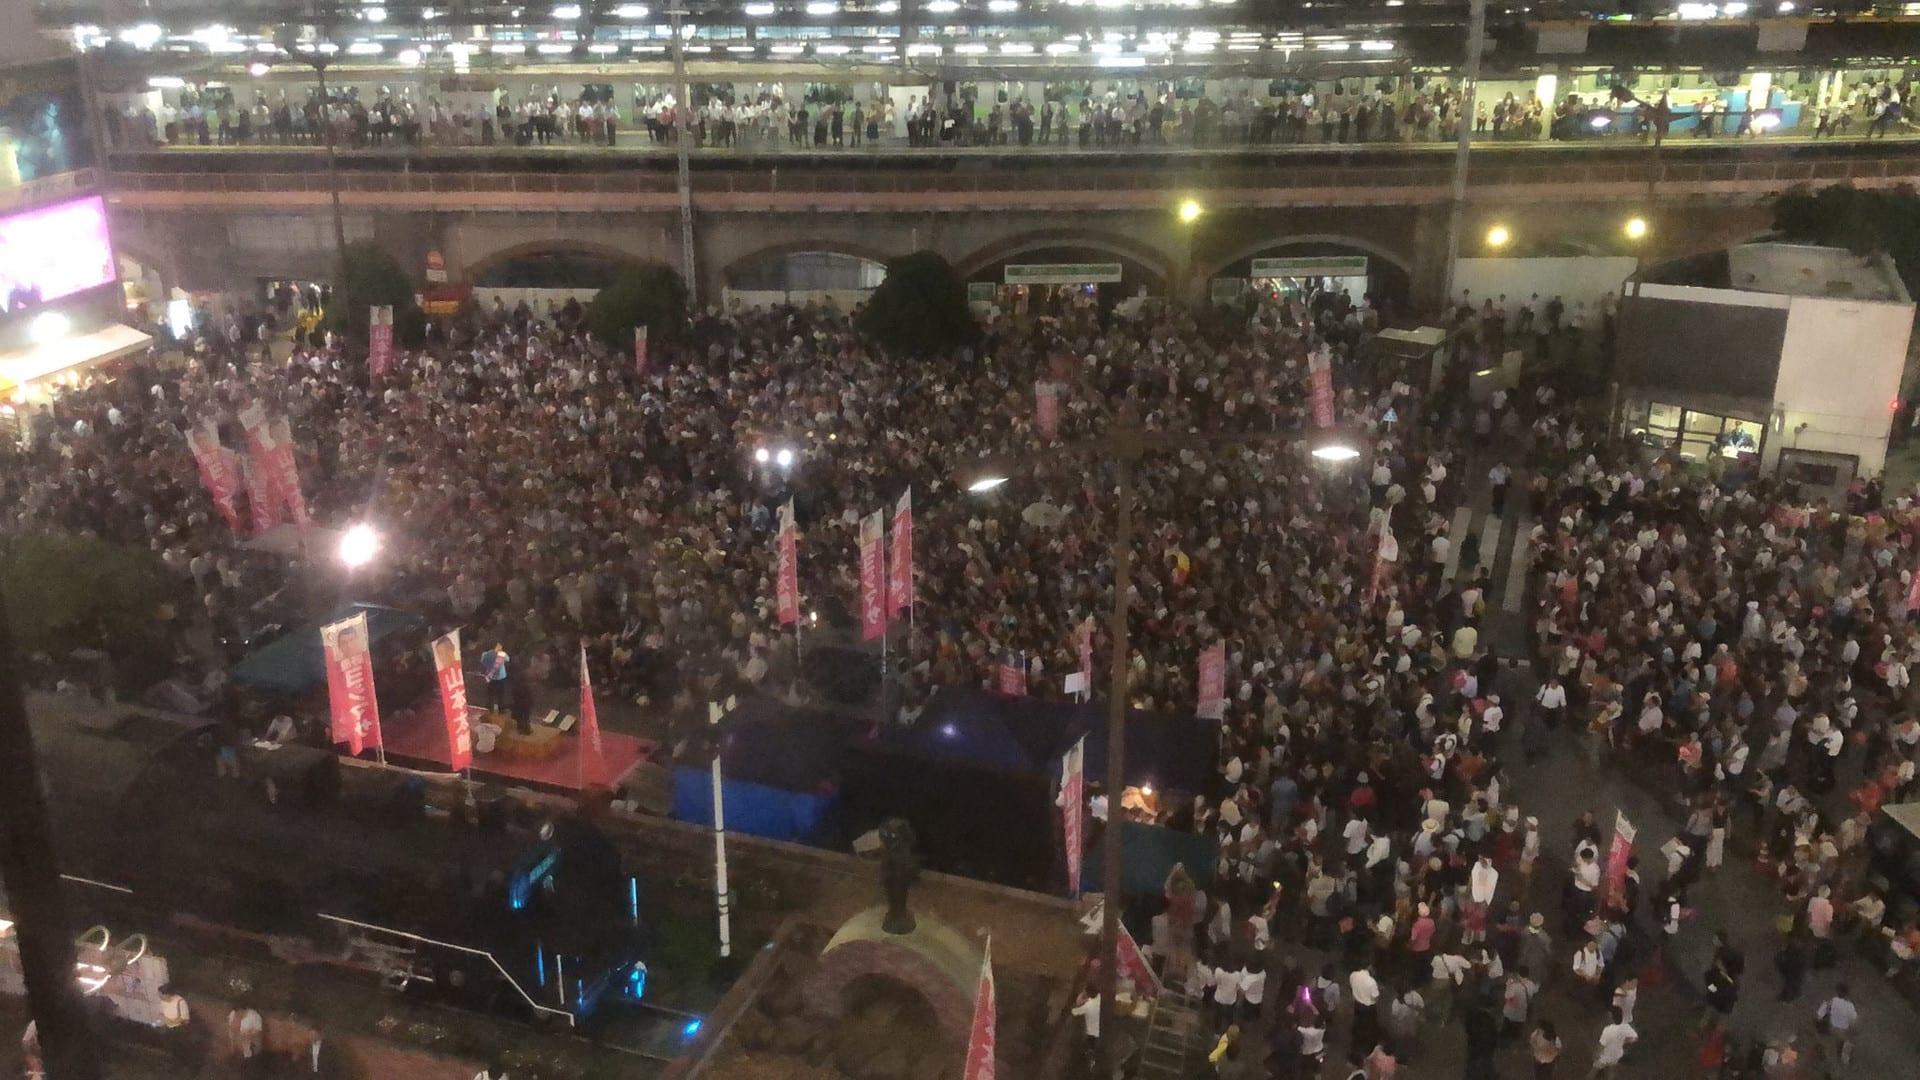 【画像】山本太郎が新橋で開催した街宣がヤバイ。埋め尽くす大聴衆、圧倒的な熱狂……これ令和革命前夜だろ